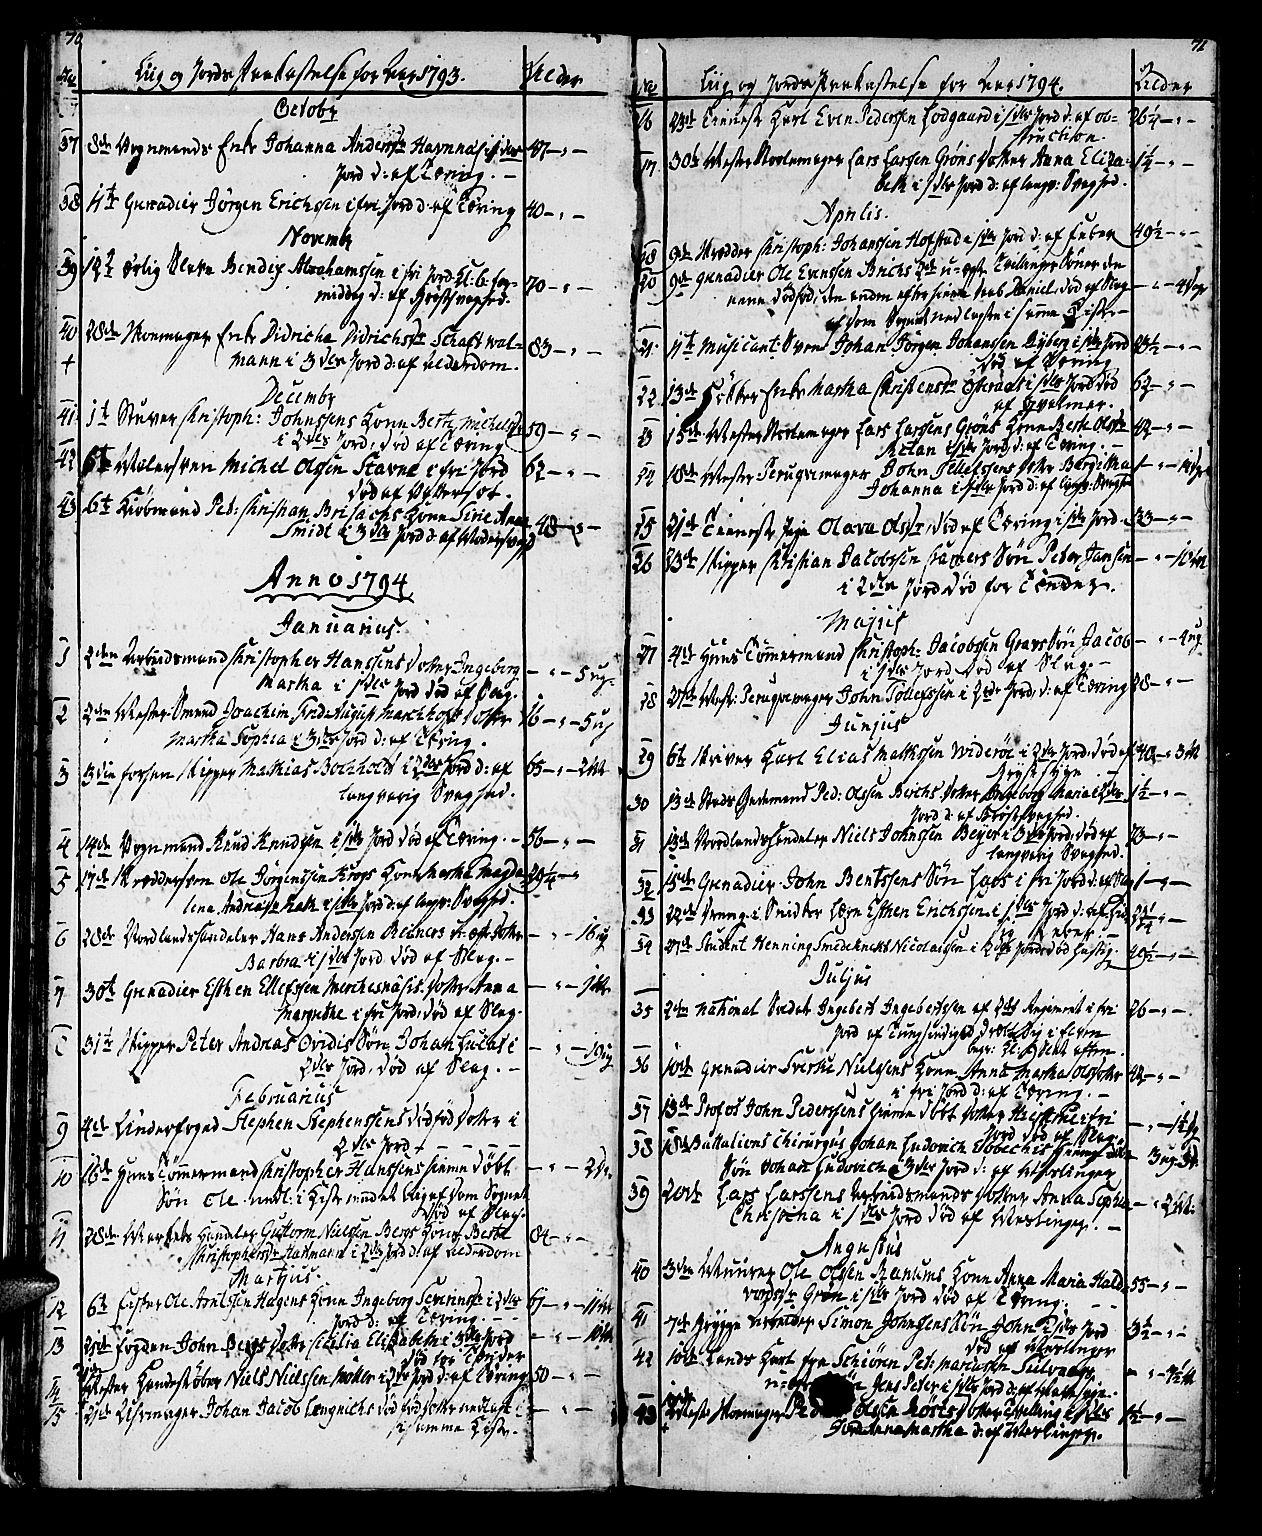 SAT, Ministerialprotokoller, klokkerbøker og fødselsregistre - Sør-Trøndelag, 602/L0134: Klokkerbok nr. 602C02, 1759-1812, s. 70-71